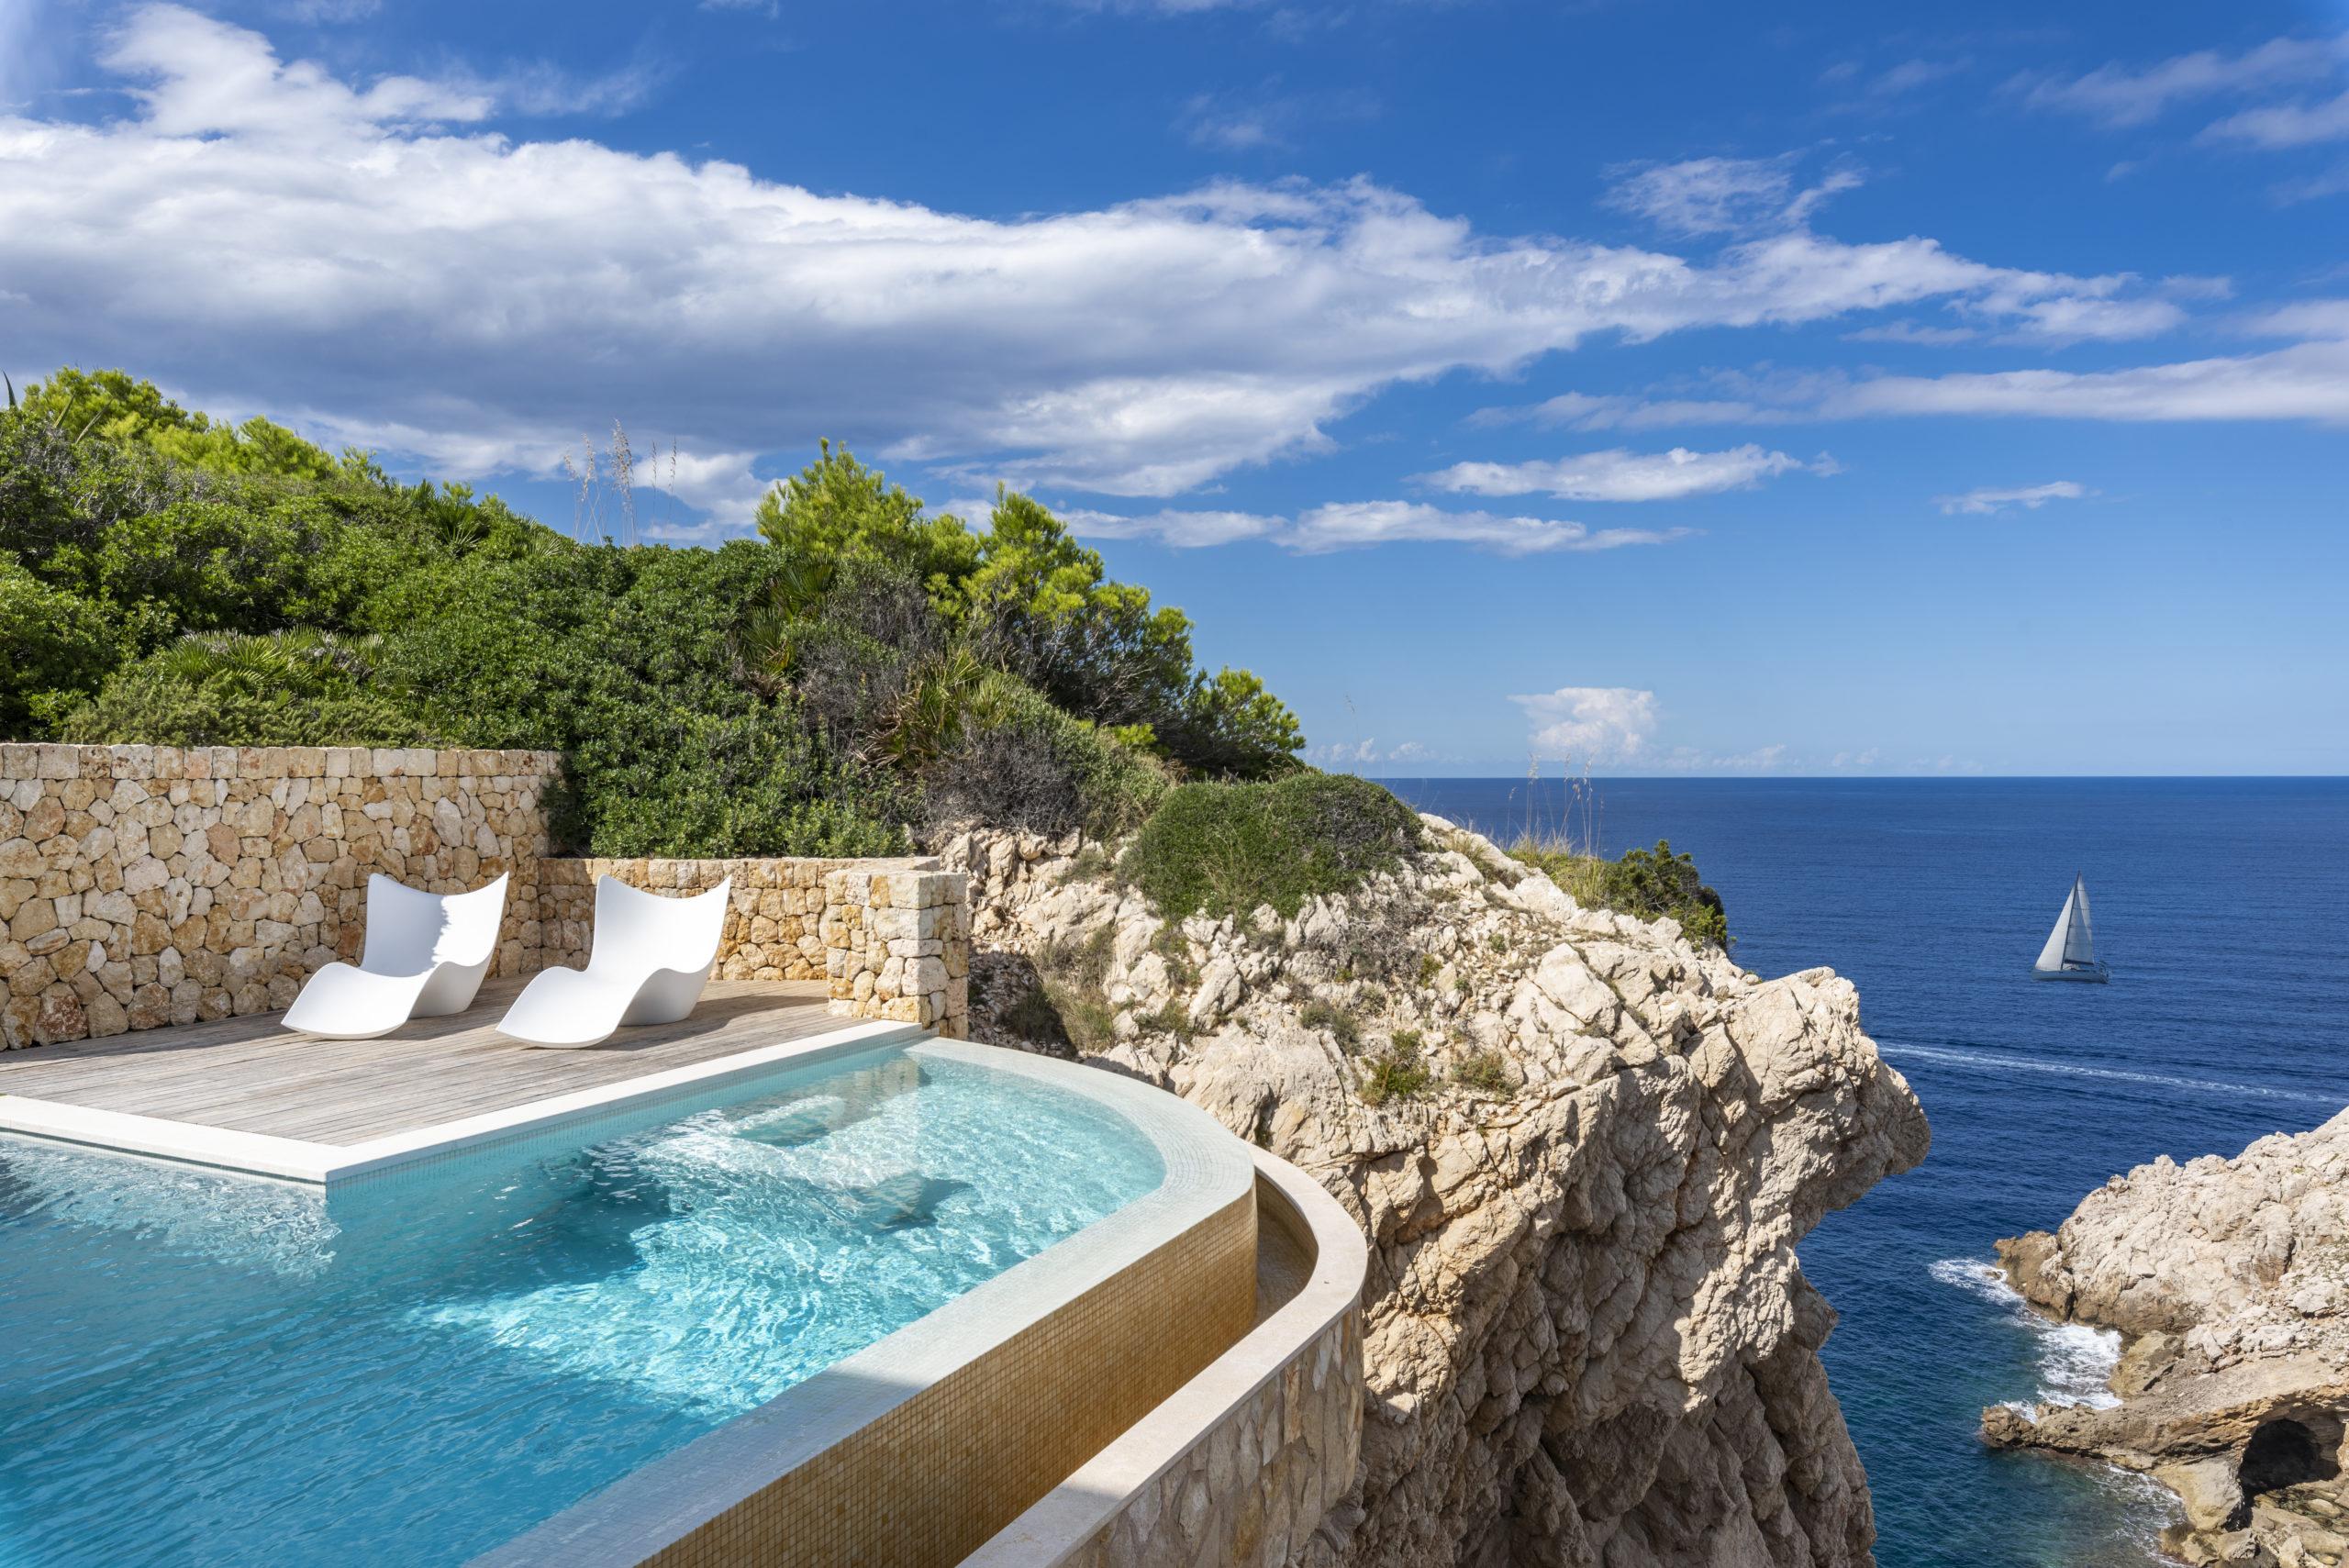 Trotz Lockdown und Reisebeschränkung. Das eigene Ferienhaus auf Mallorca ist beliebter denn je. Makler Porta Mallorquina meldet positiven Jahresstart 2021.